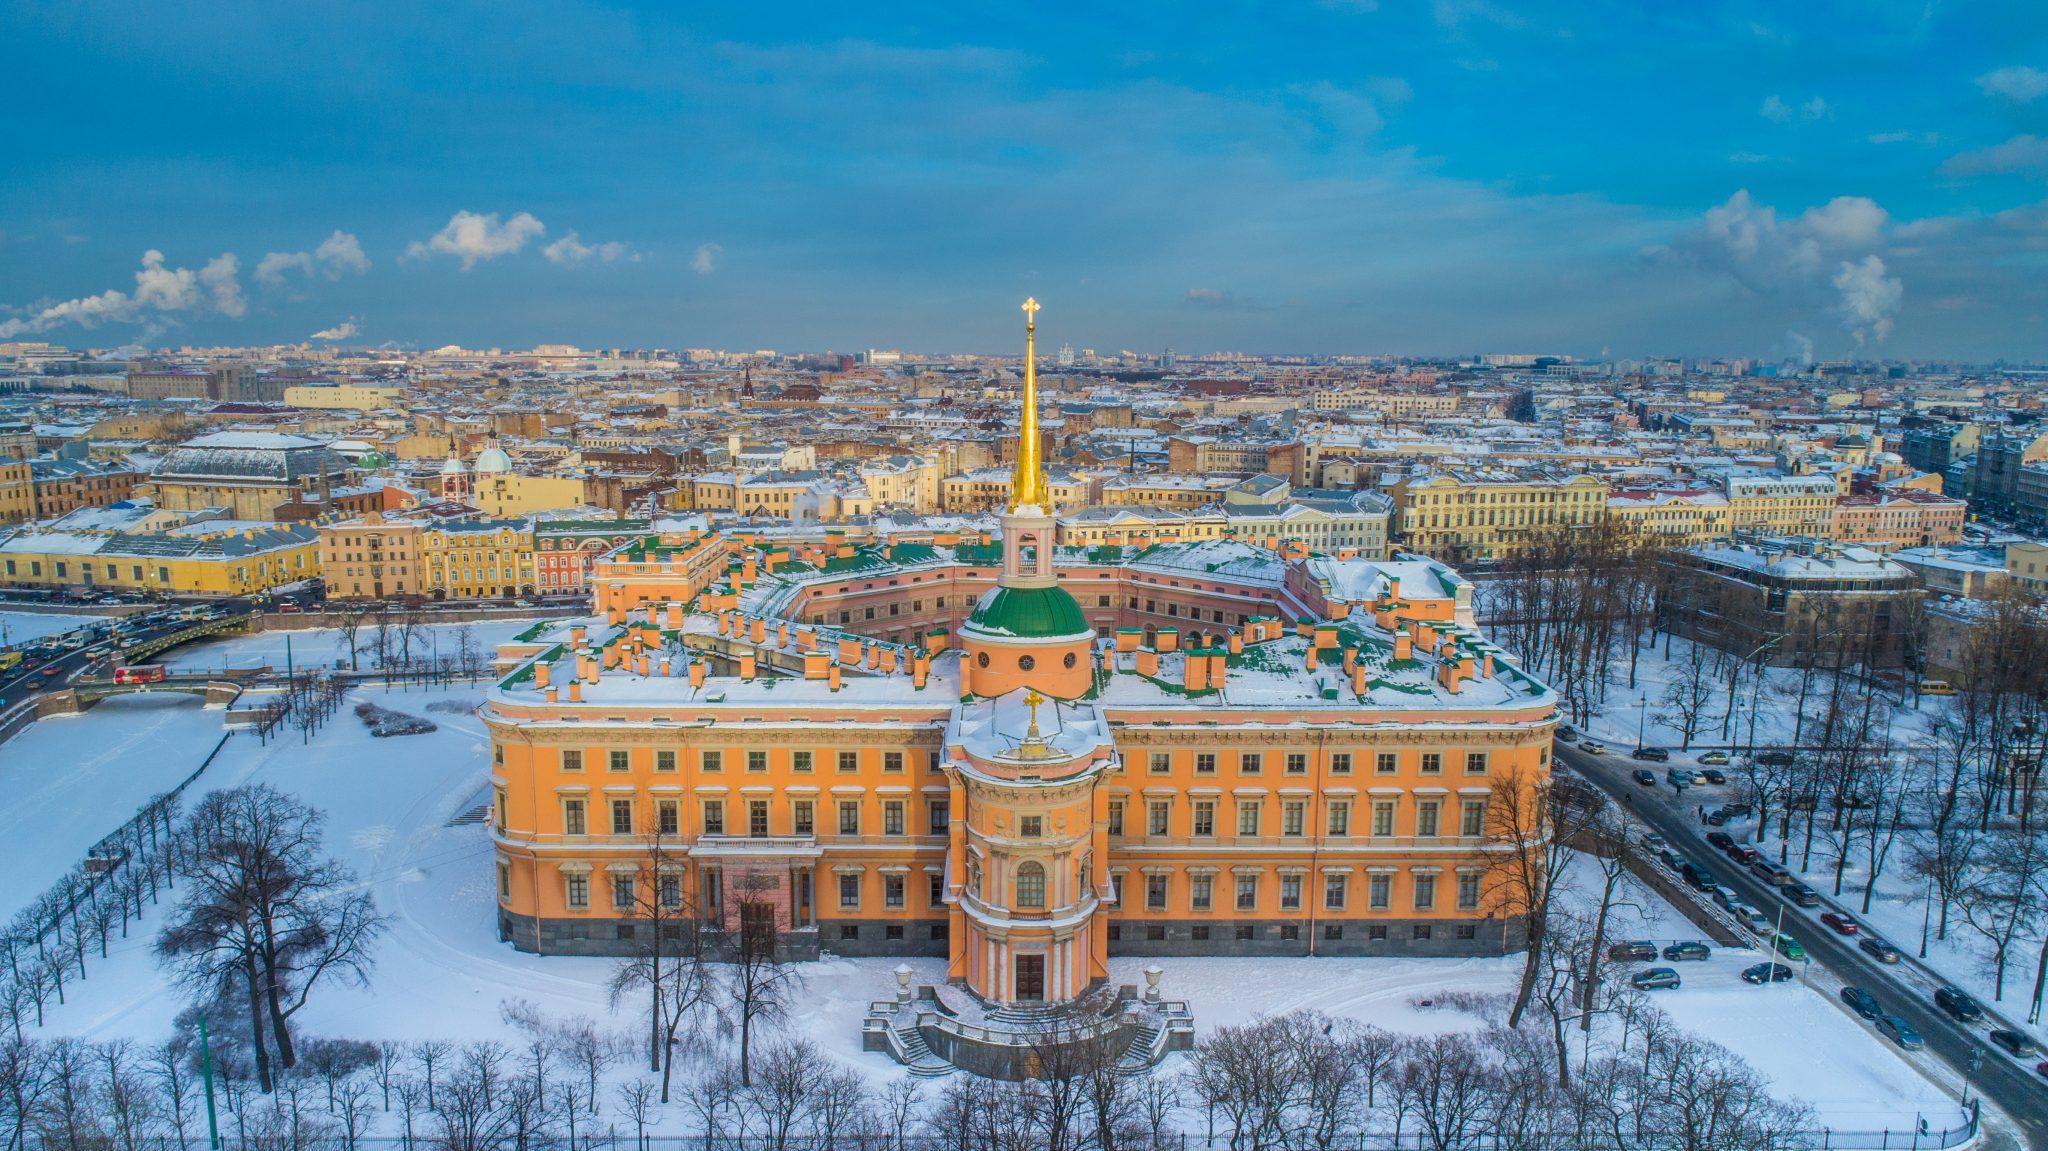 Михайловский (Инженерный) замок в Санкт-Петербурге в 2020 году